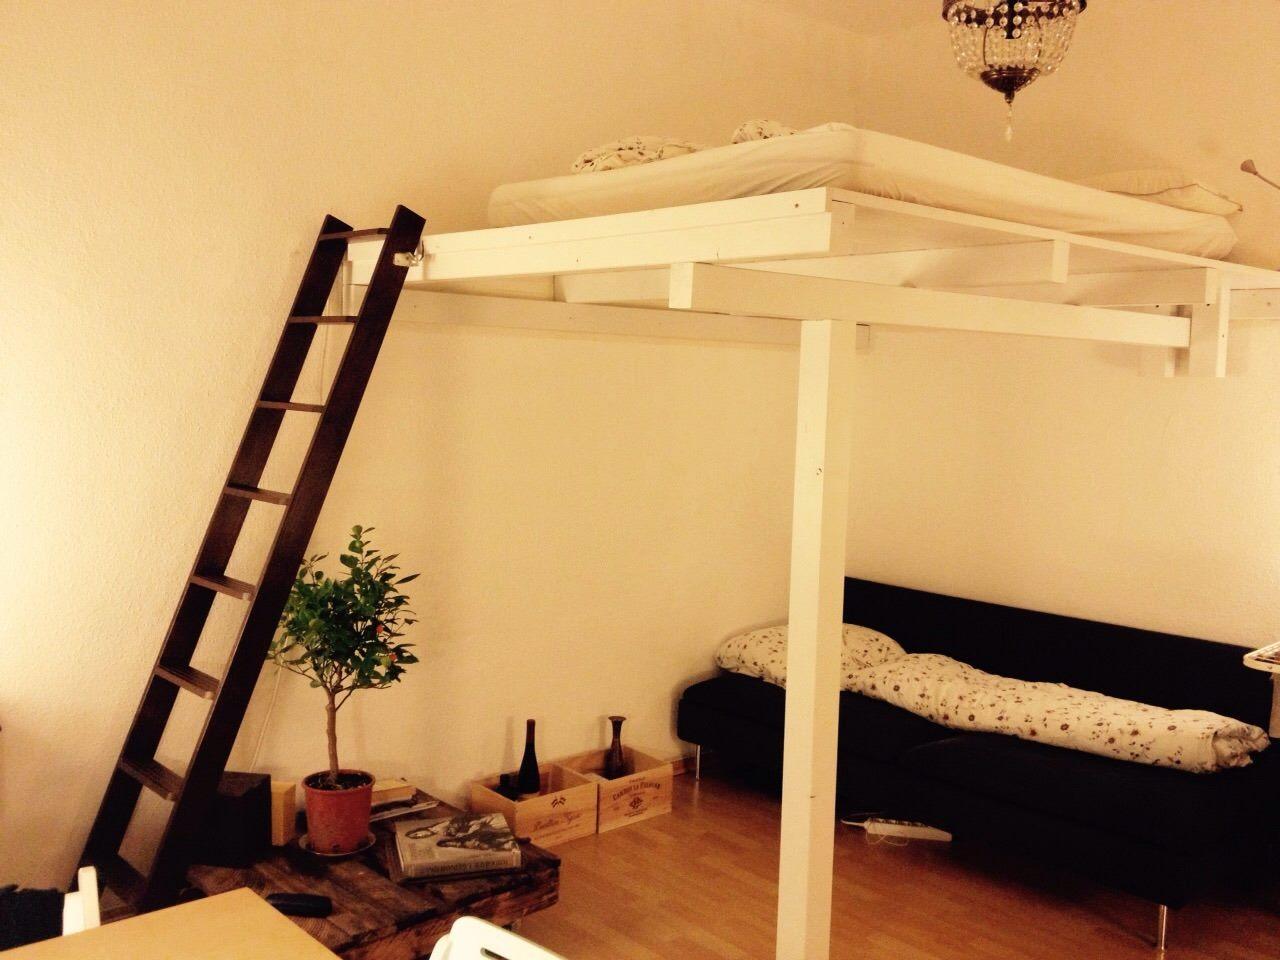 schiebet r selber bauen schiebet r nach ma g nstig. Black Bedroom Furniture Sets. Home Design Ideas